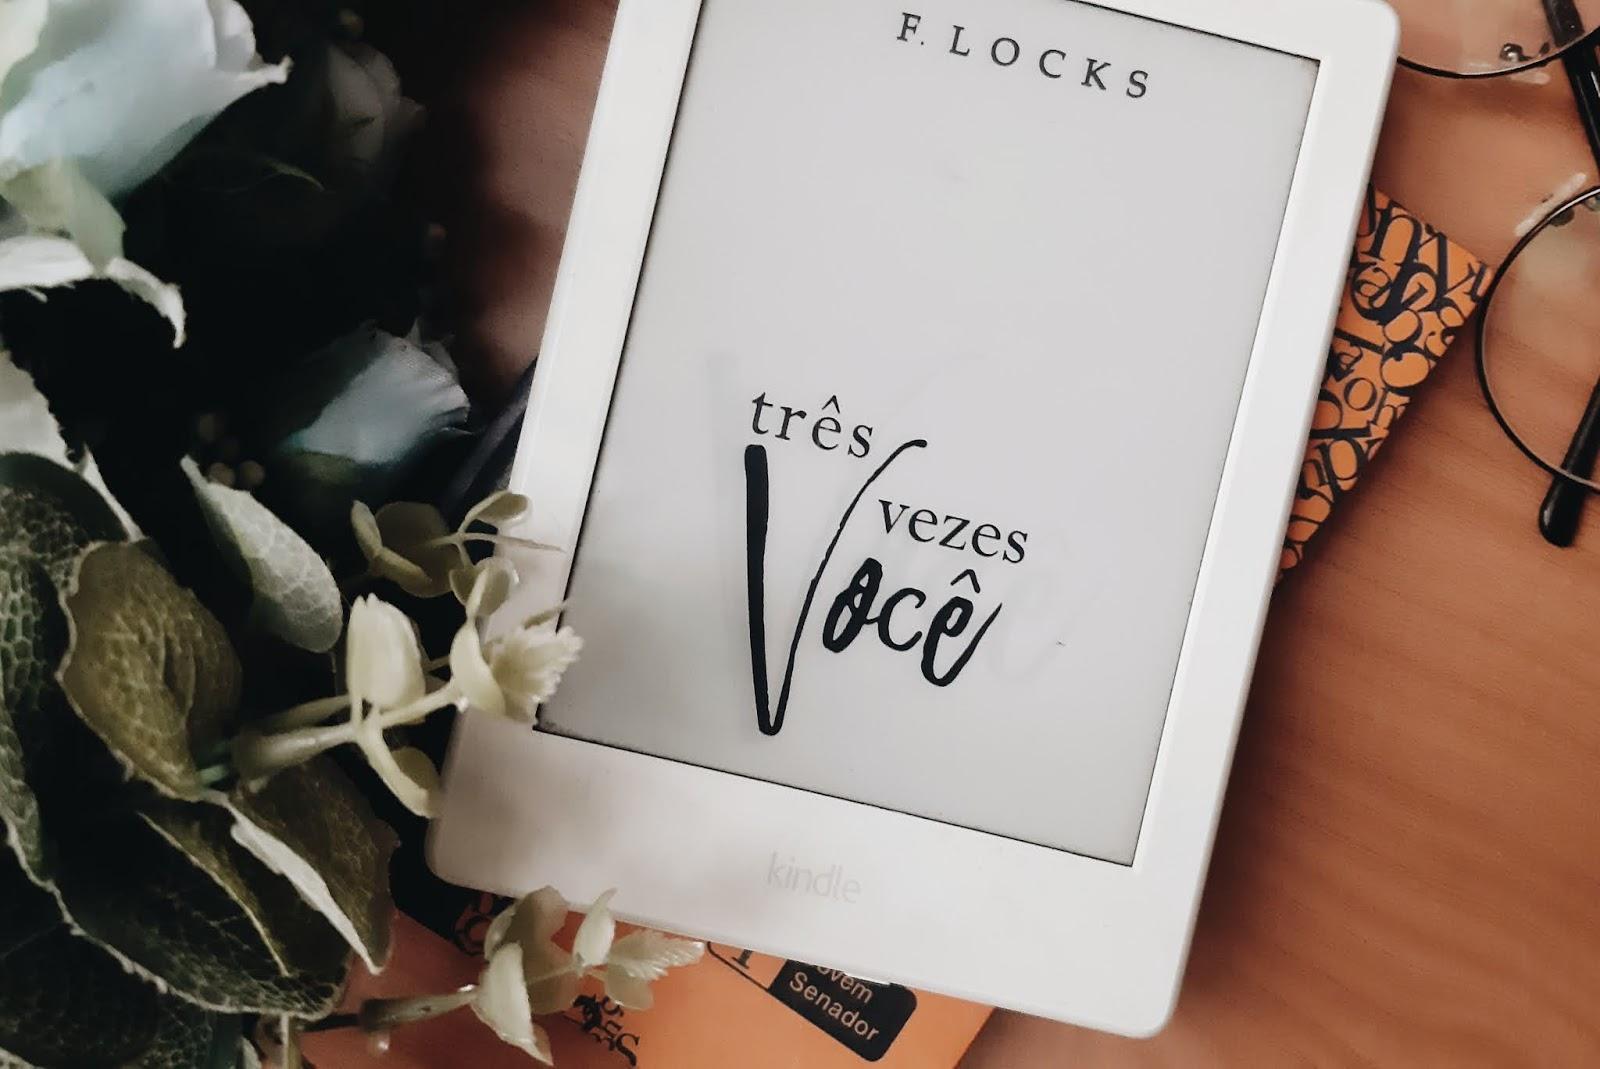 Três vezes você - F. Locks | Resenha